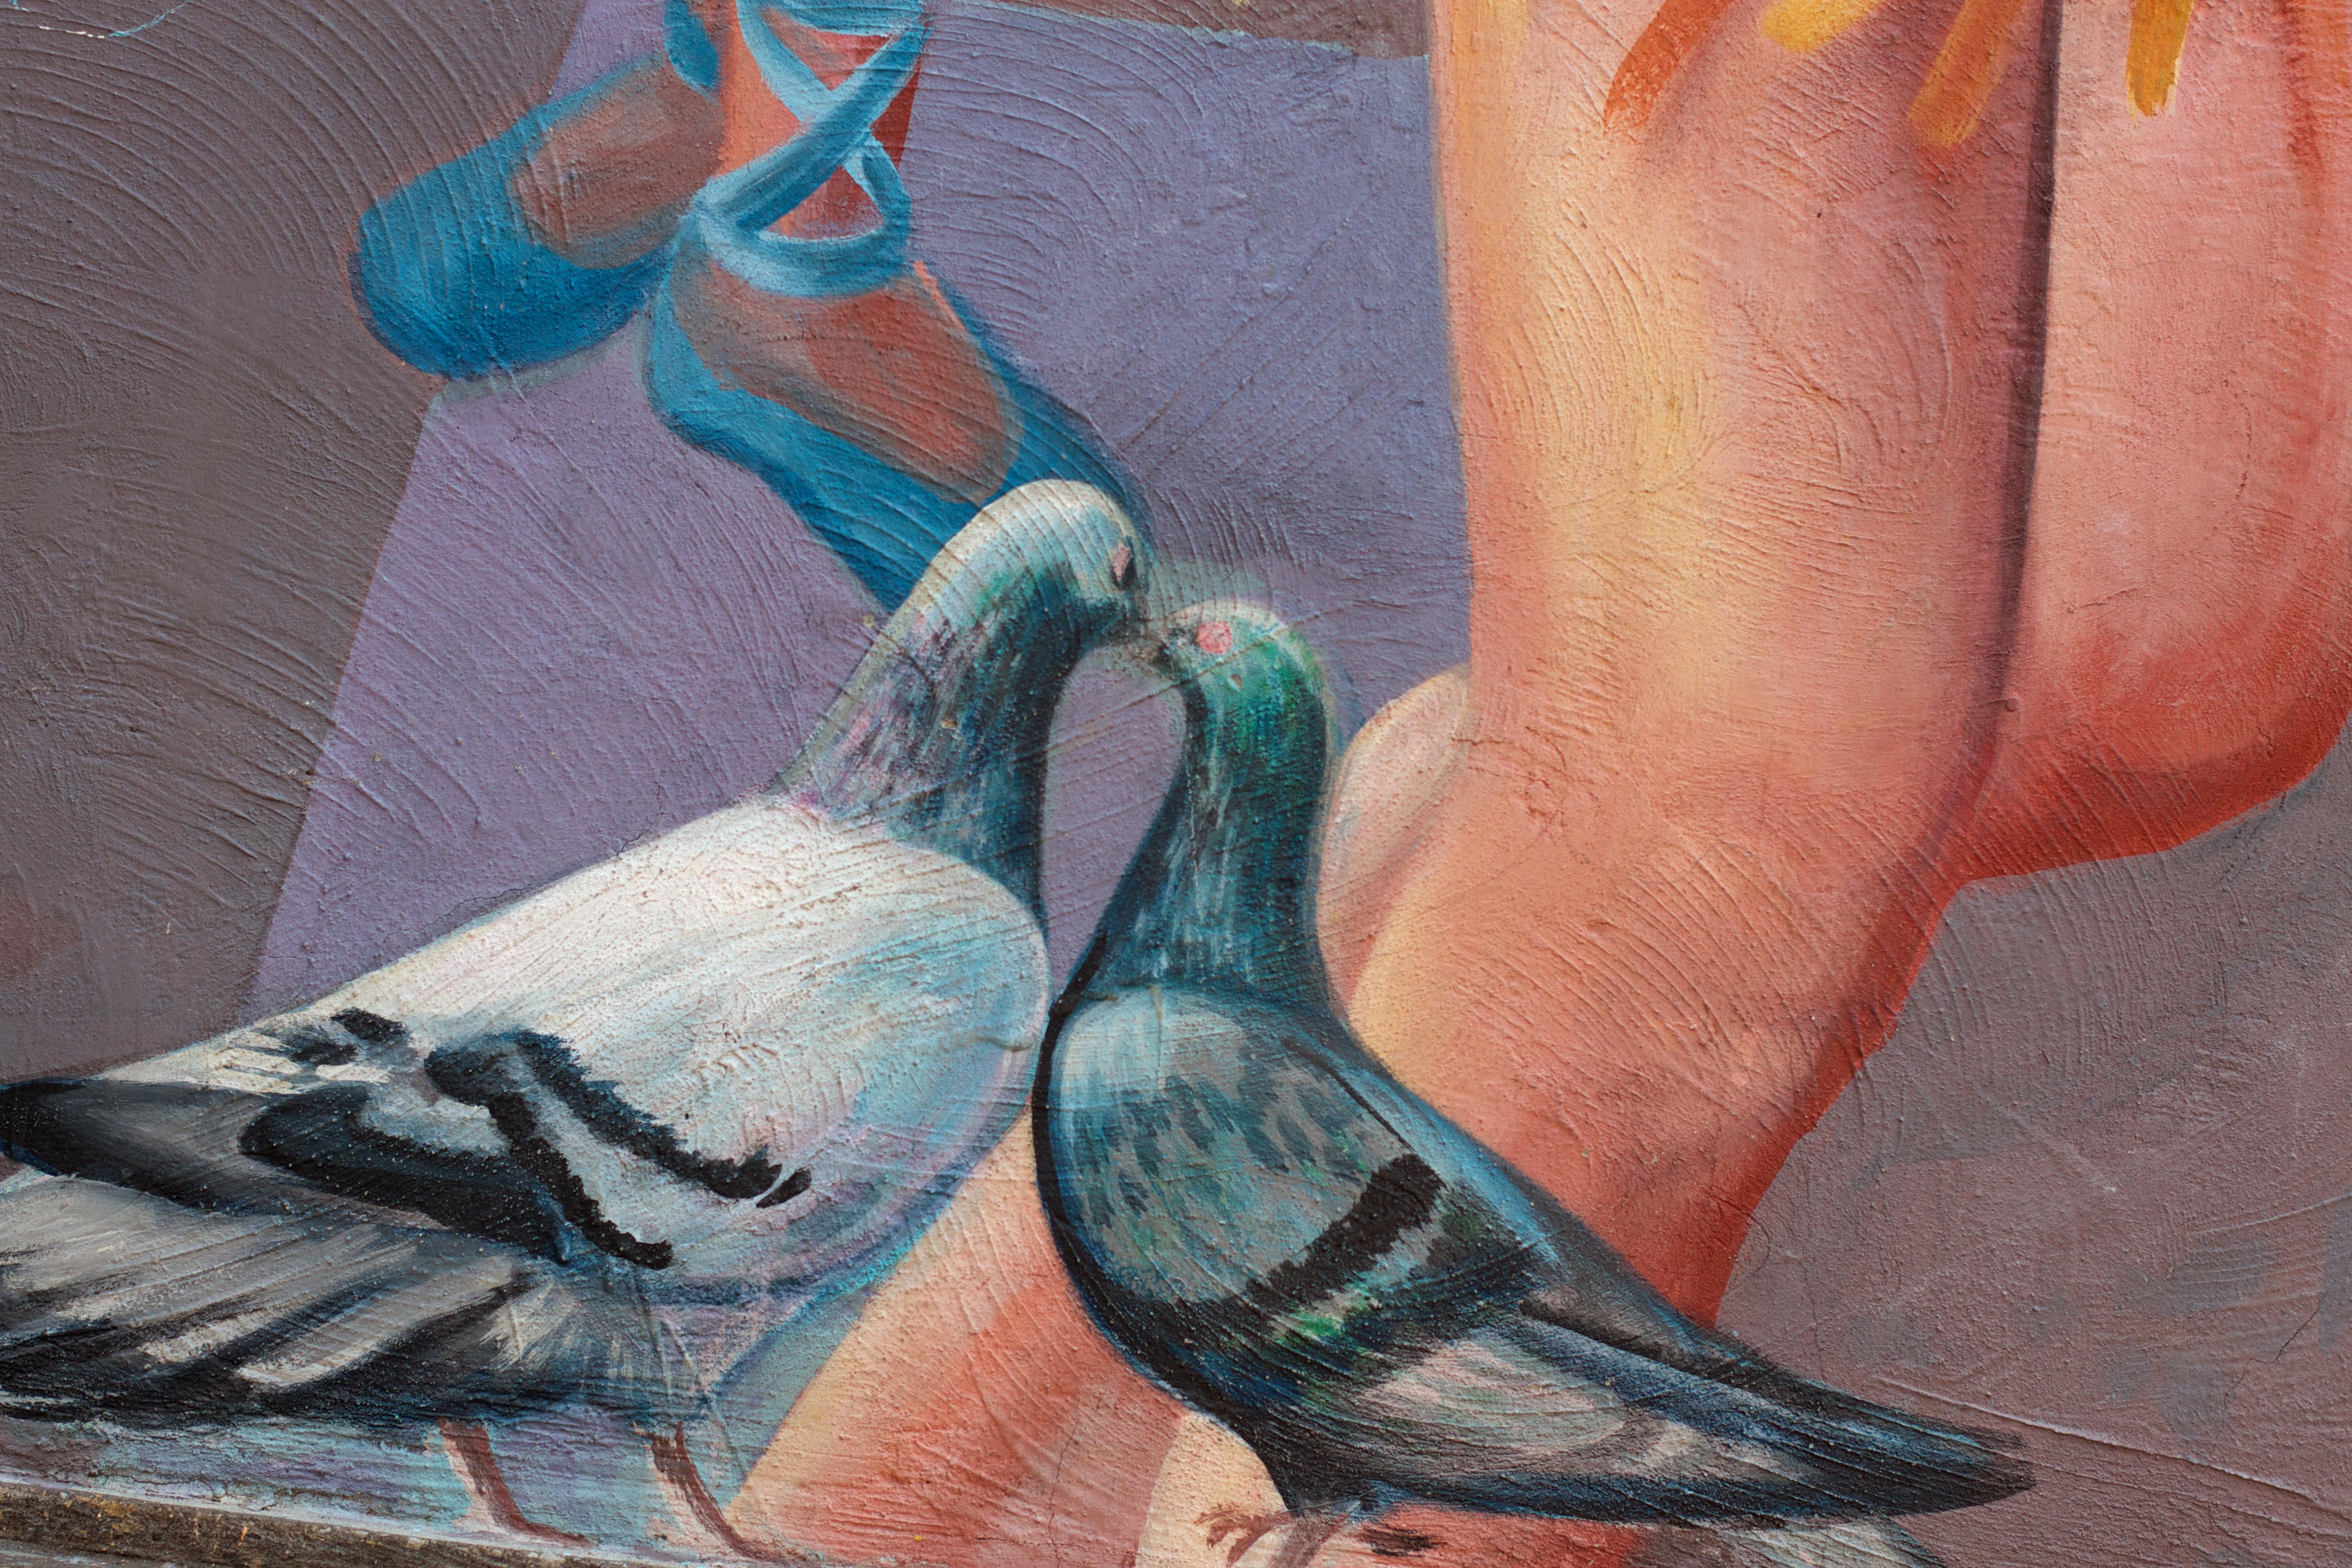 Fotoğraf Kuş Kanat Renk Mavi Kol Boyama Sanat çizim